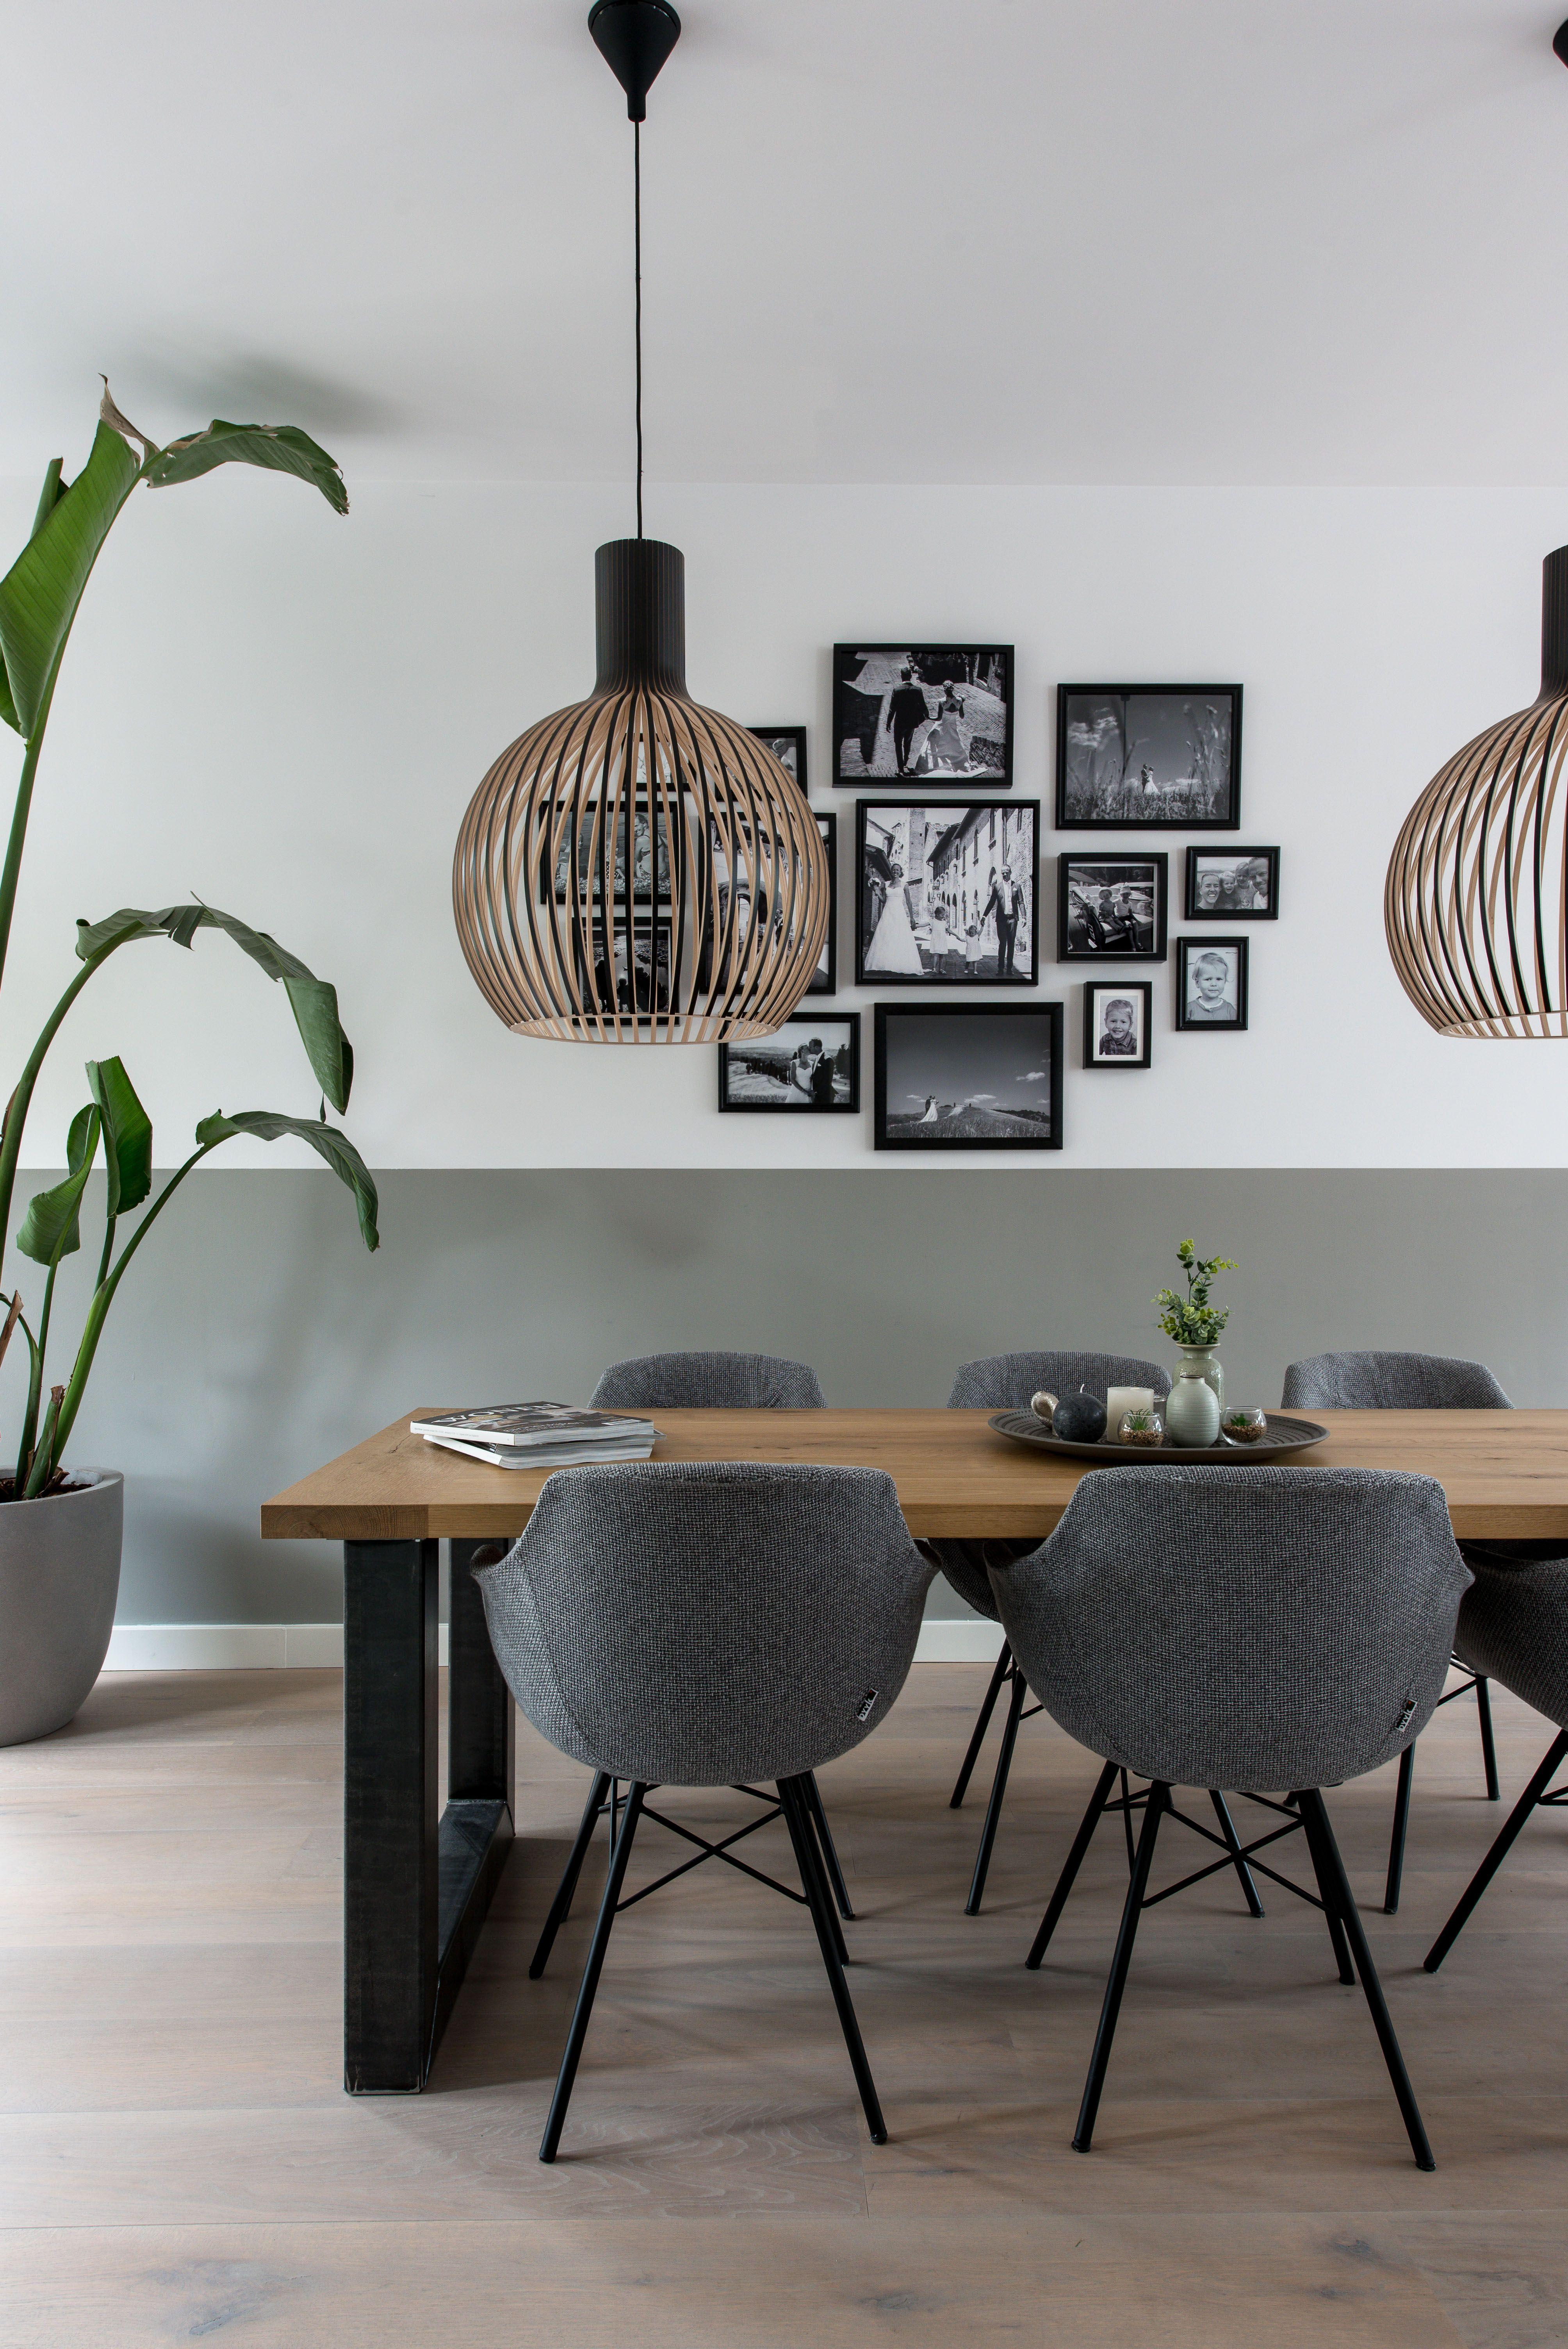 Lifs interieuradvies & styling www.lifs.nl